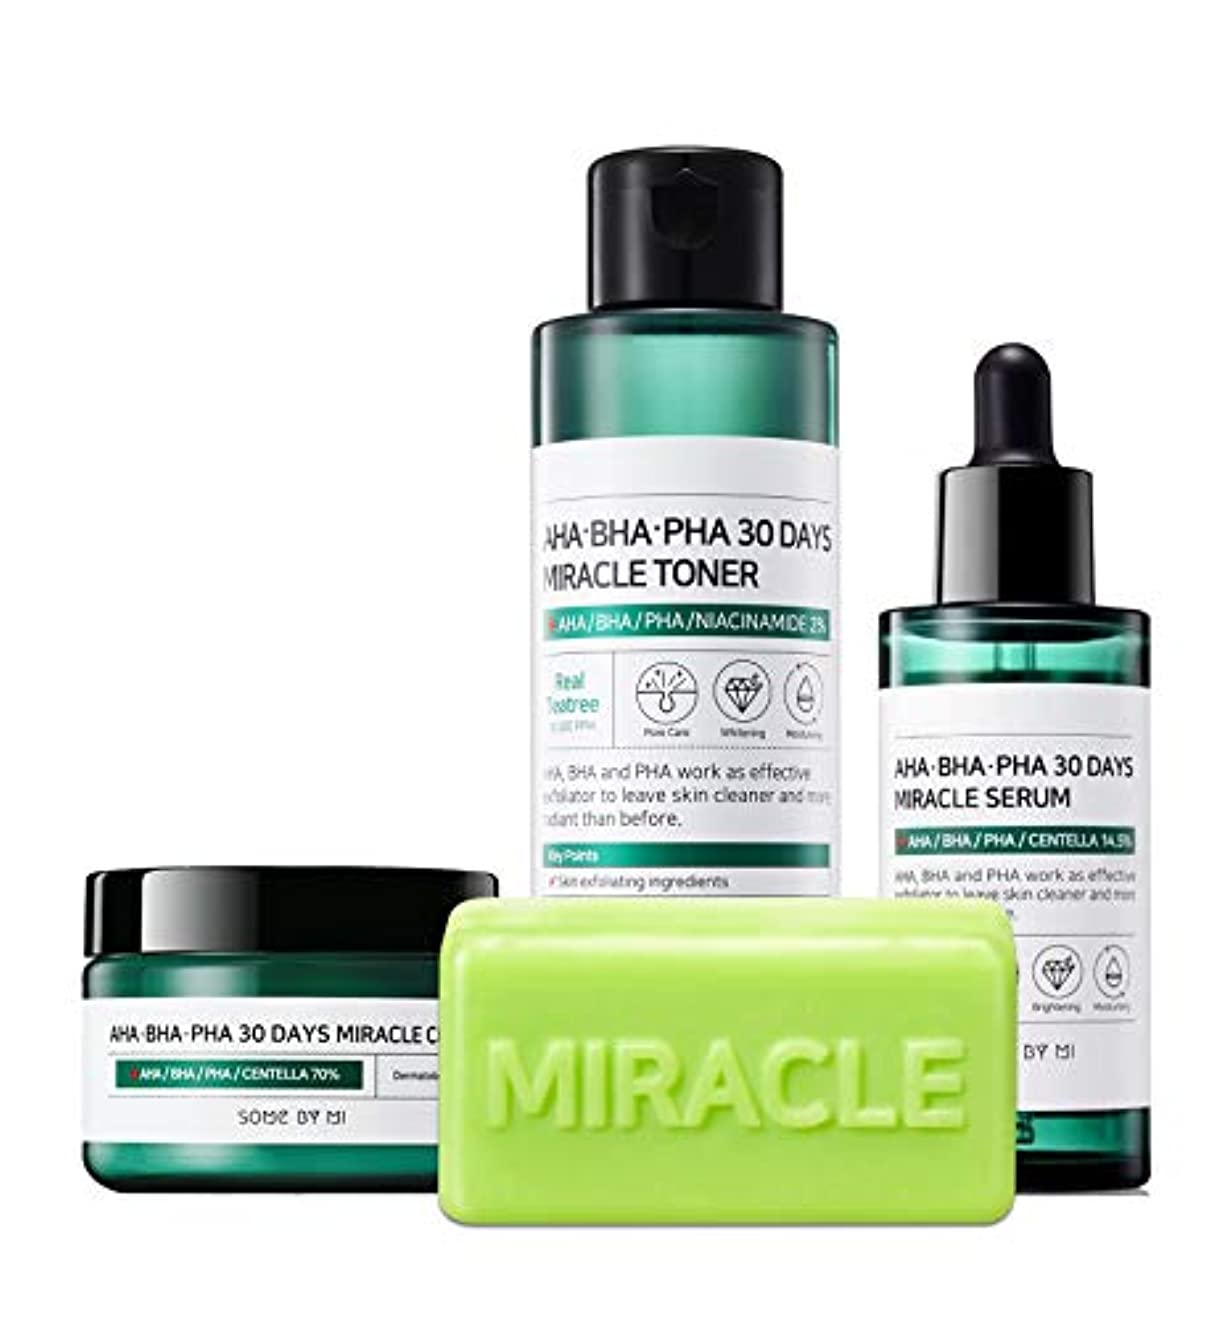 におい何狂ったSomebymi (サムバイミー) AHA BHA PHA Miracle Series Full Set 4 Pcs (Soap, Toner, Serum, Cream) Anti-acne Exfoliation Hydration Brightening, Skin Barrier & Recovery, Soothing with Tea Tree [並行輸入品]